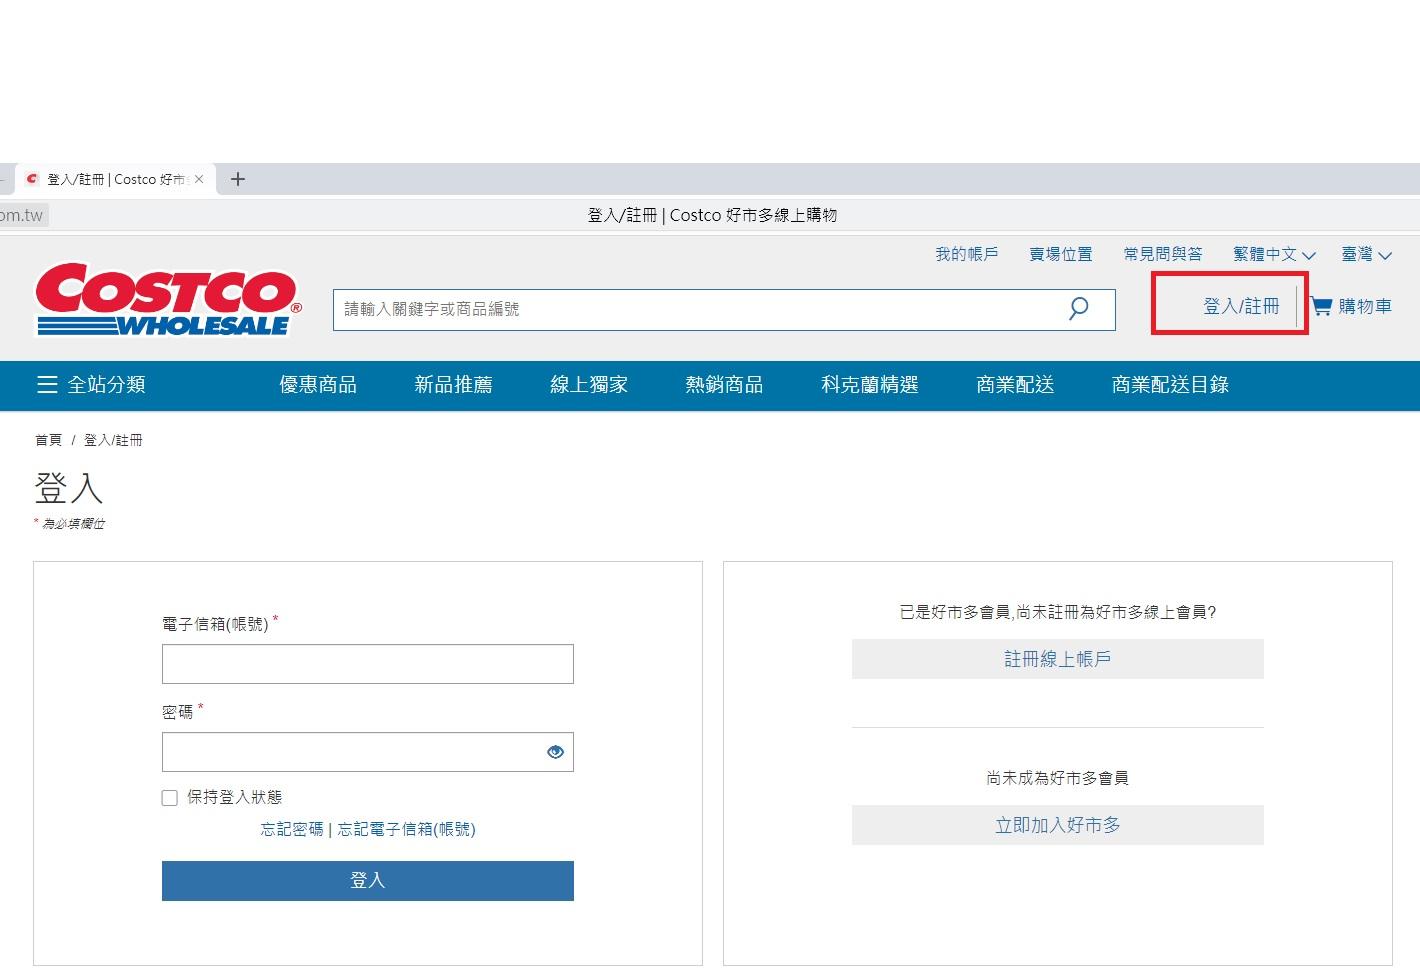 Costco好市多線上購物 大賣場目錄 線上購買服務